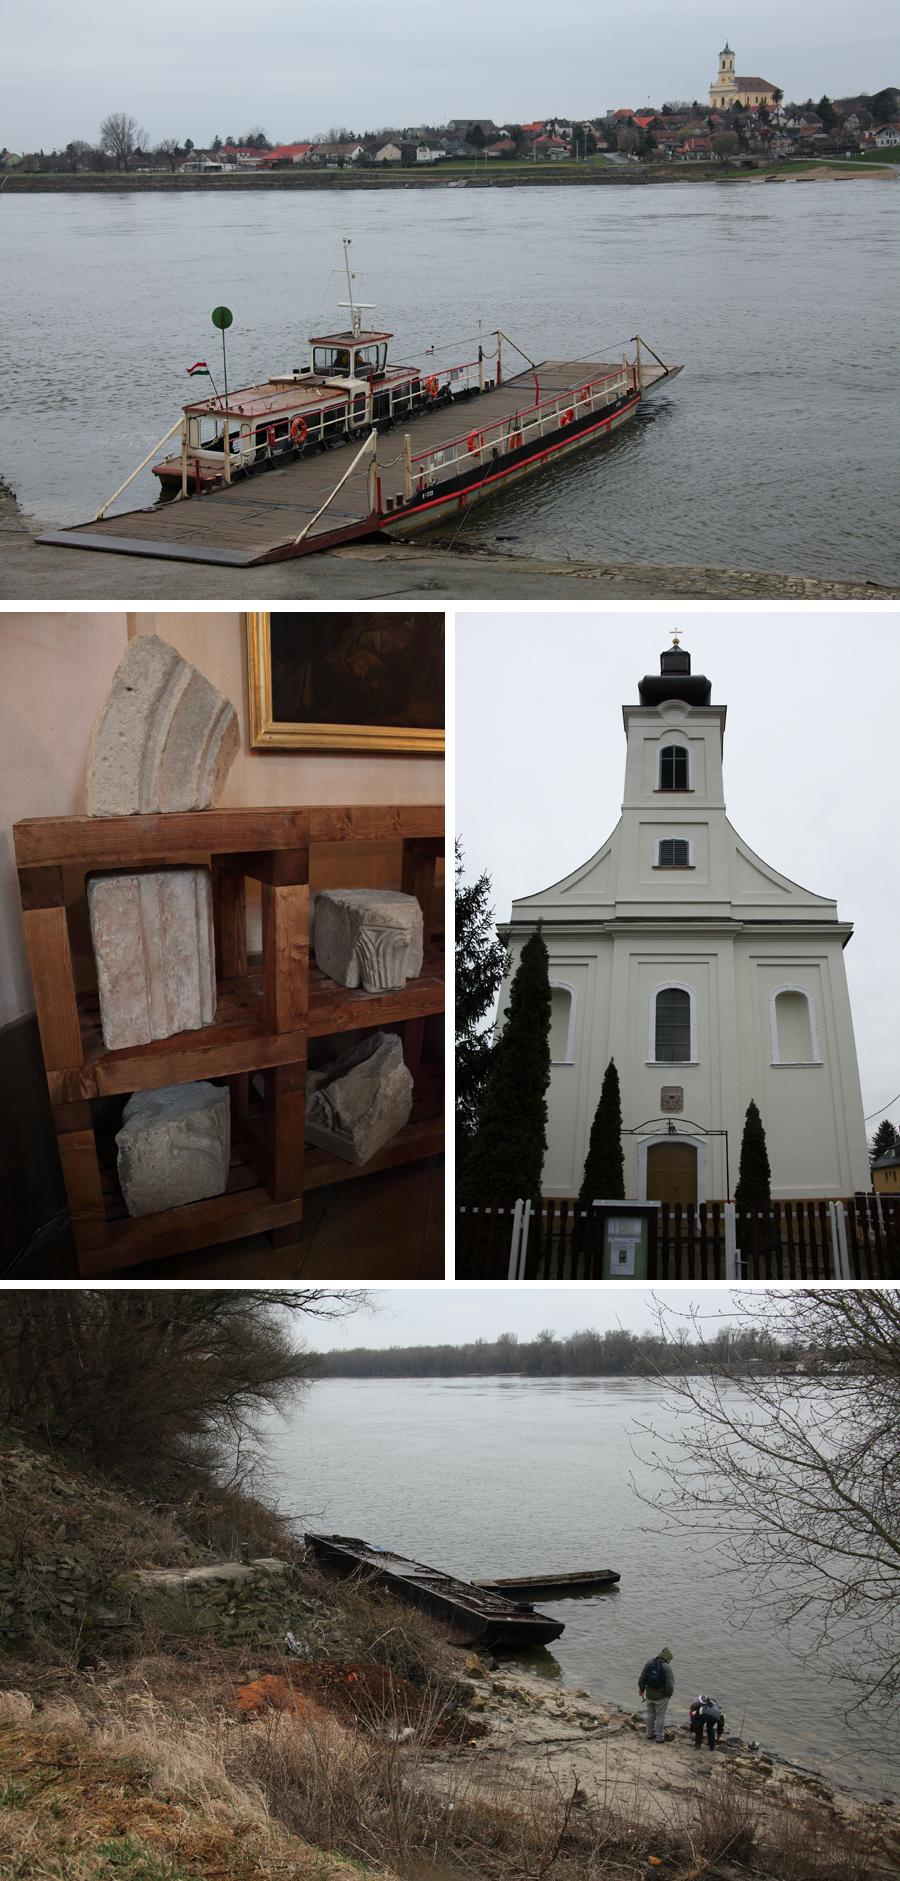 http://www.muemlekem.hu/images/magazin/20110324ercsimonostor/nagy1.jpg